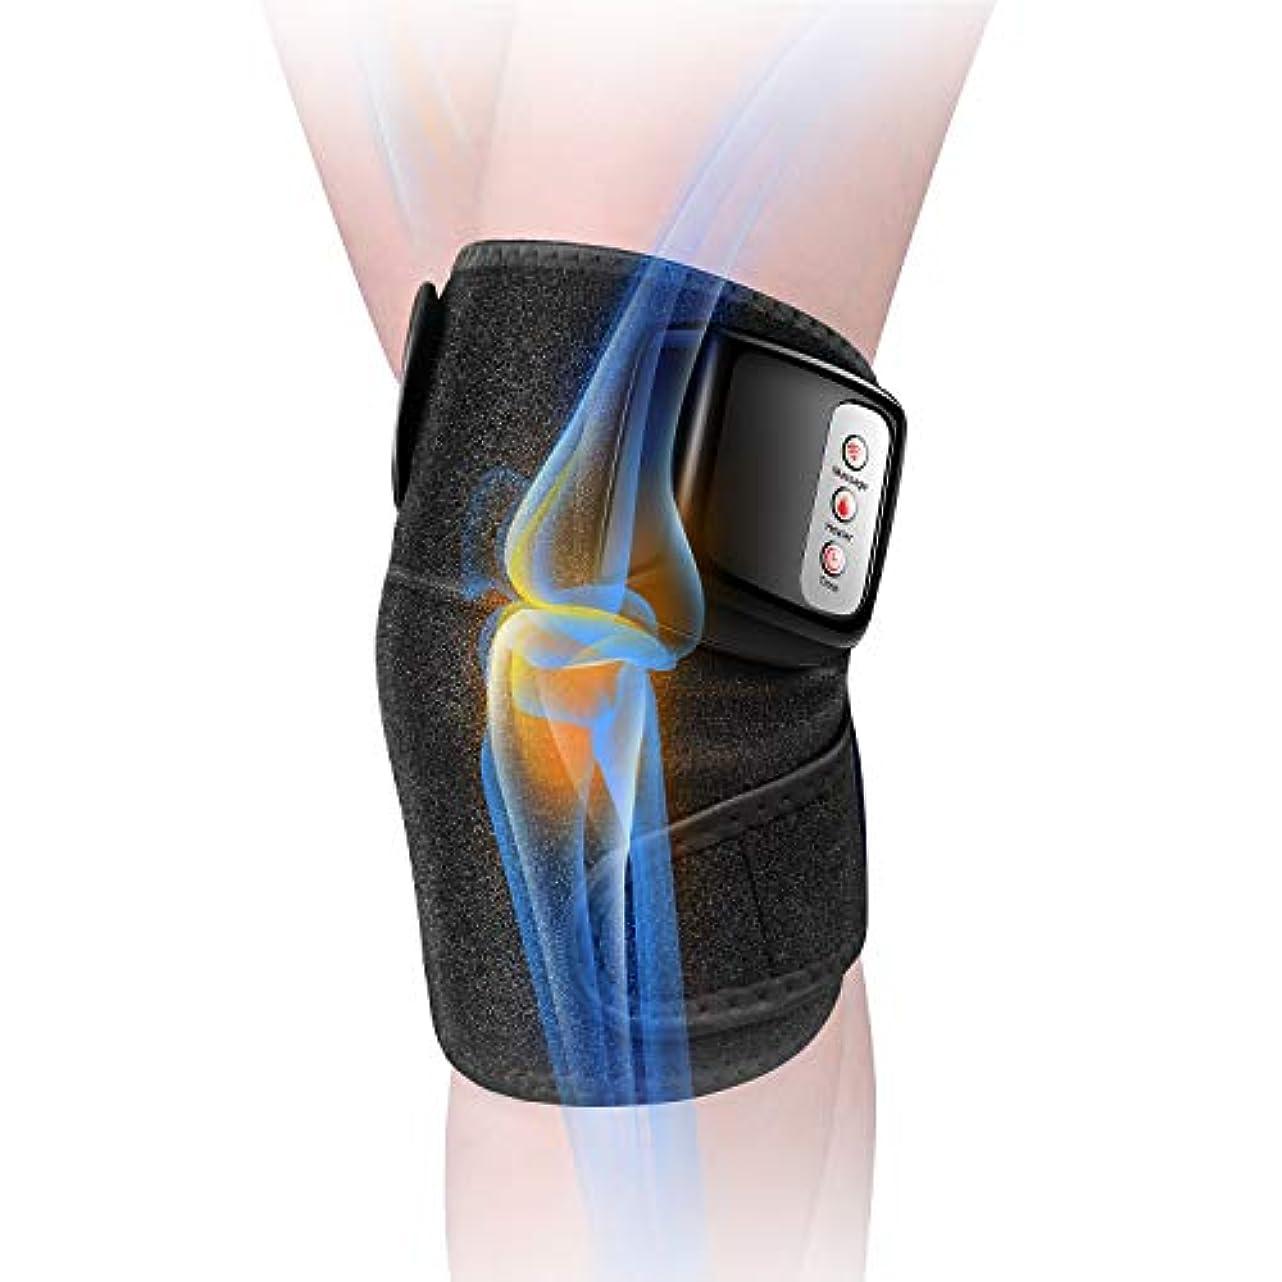 計り知れない一回マーチャンダイザー膝マッサージャー 関節マッサージャー マッサージ器 フットマッサージャー 振動 赤外線療法 温熱療法 膝サポーター ストレス解消 肩 太もも/腕対応